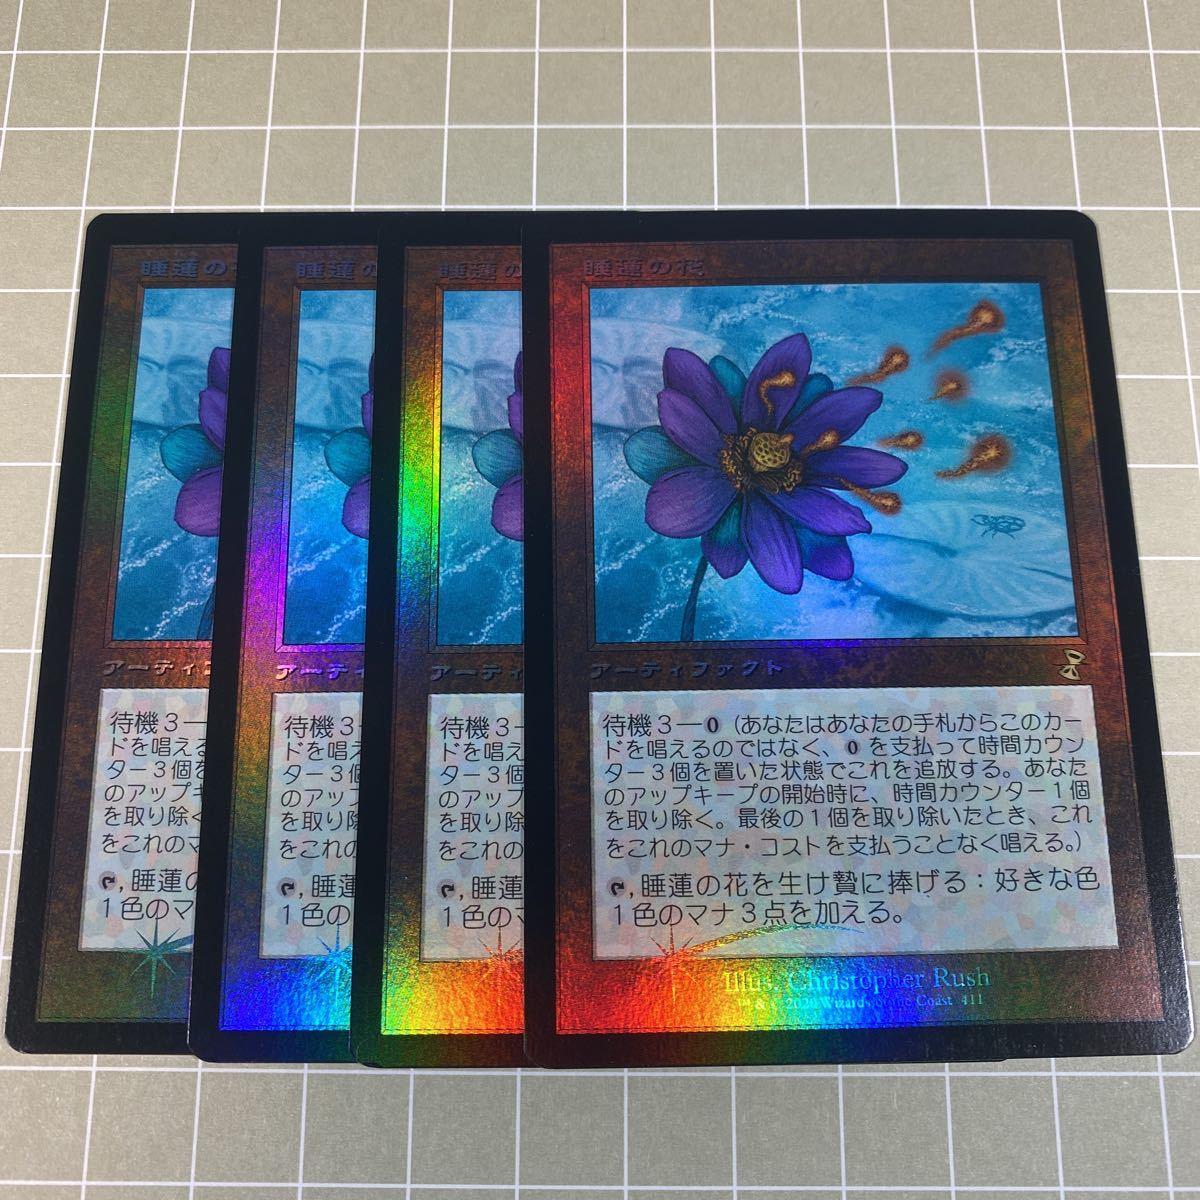 即決 送料込 MTG 限定プロモ 時のらせん リマスター BOX購入特典 日版 Foil 睡蓮の花 4枚セット_画像1